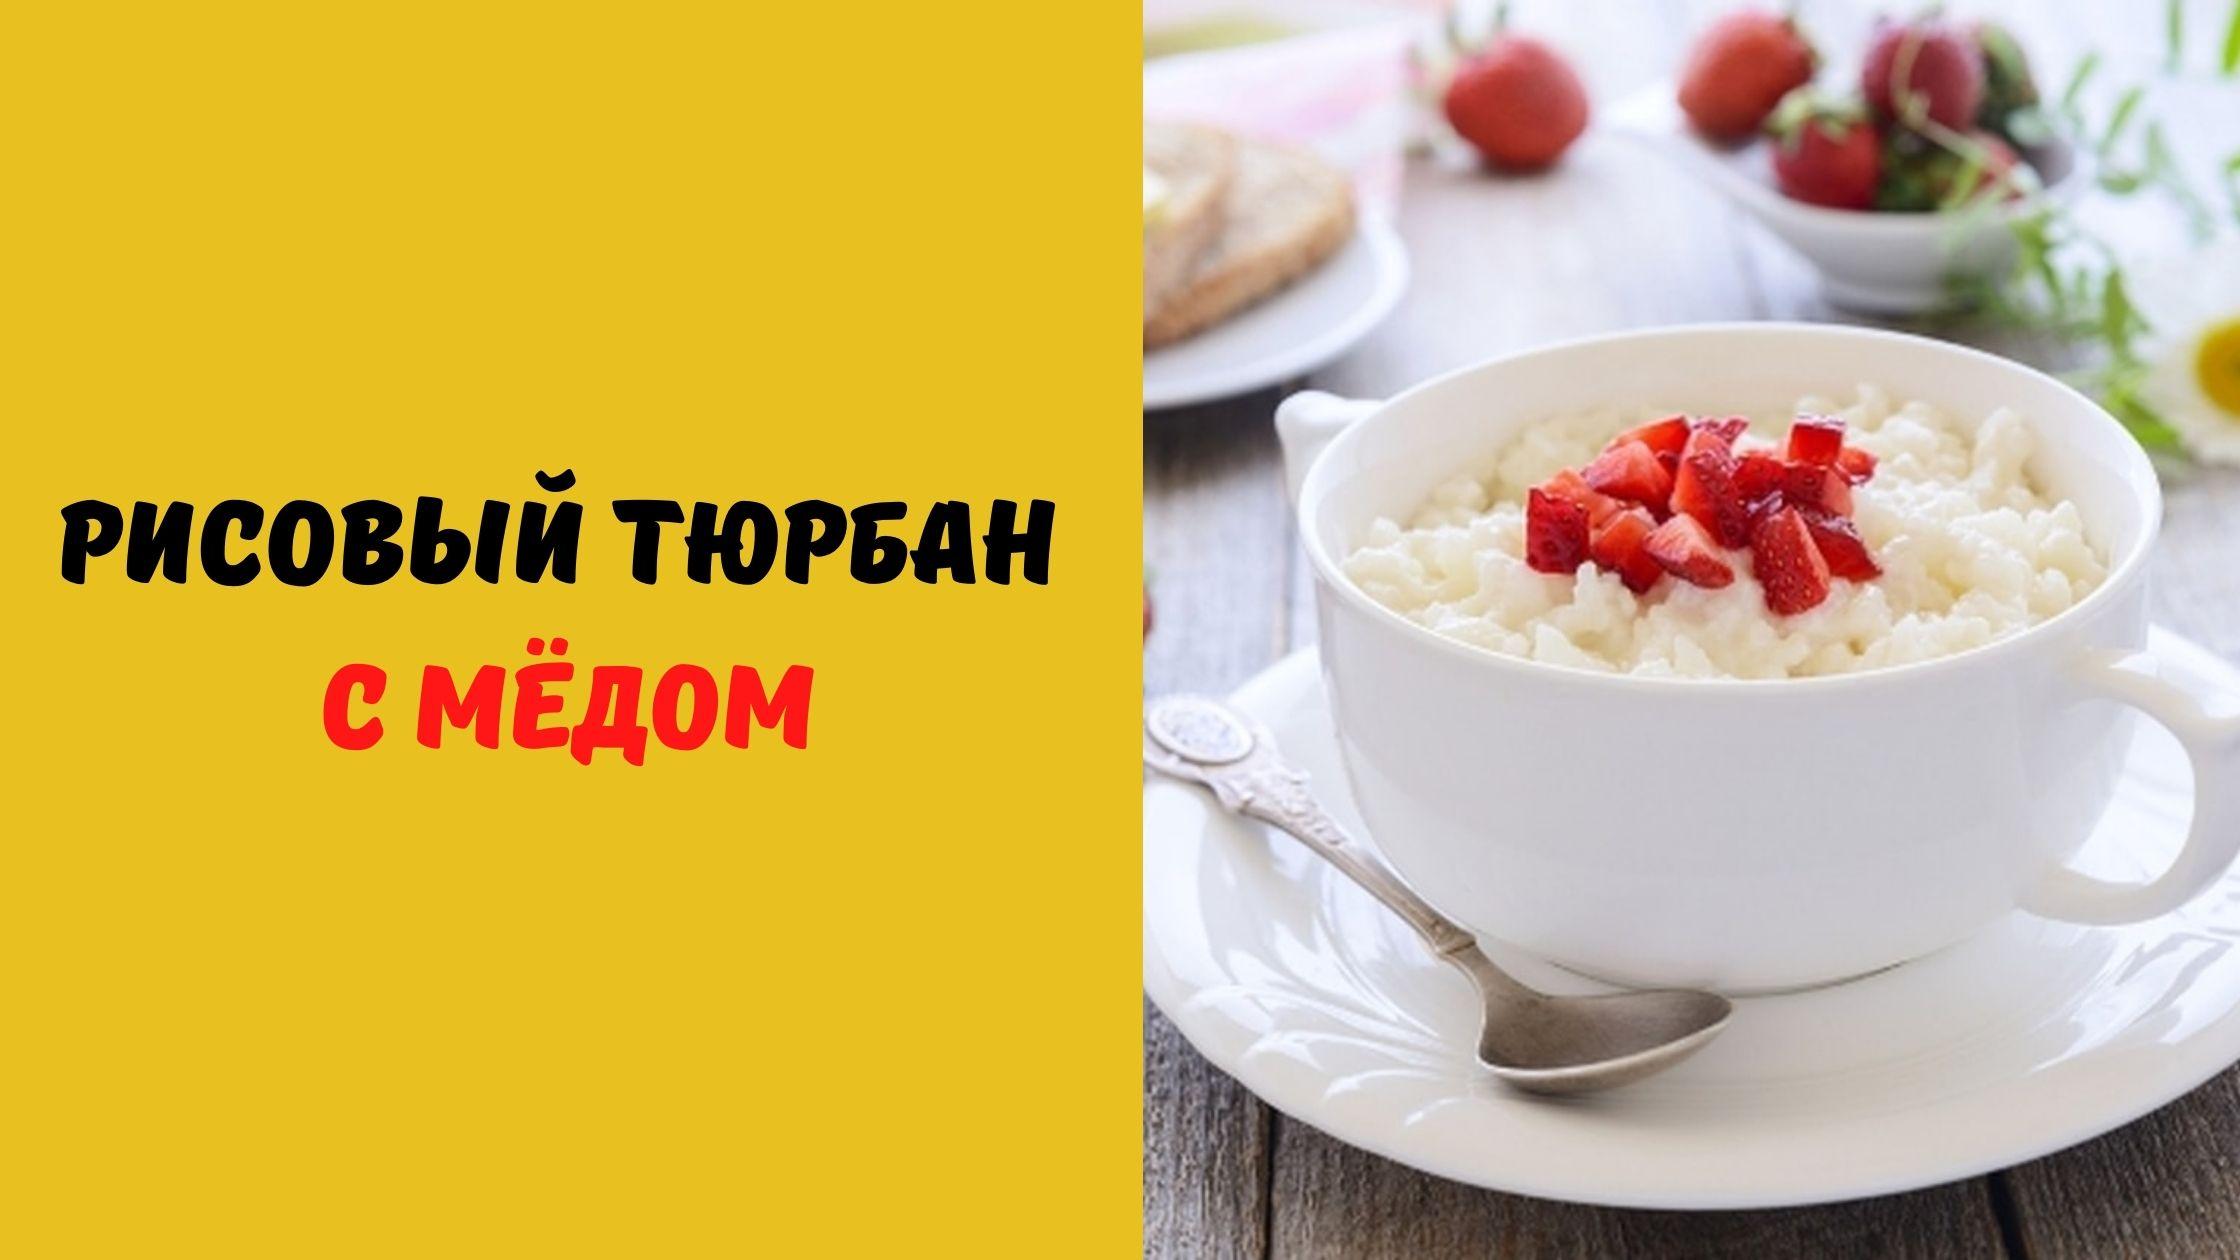 рисовый тюрбан с медом